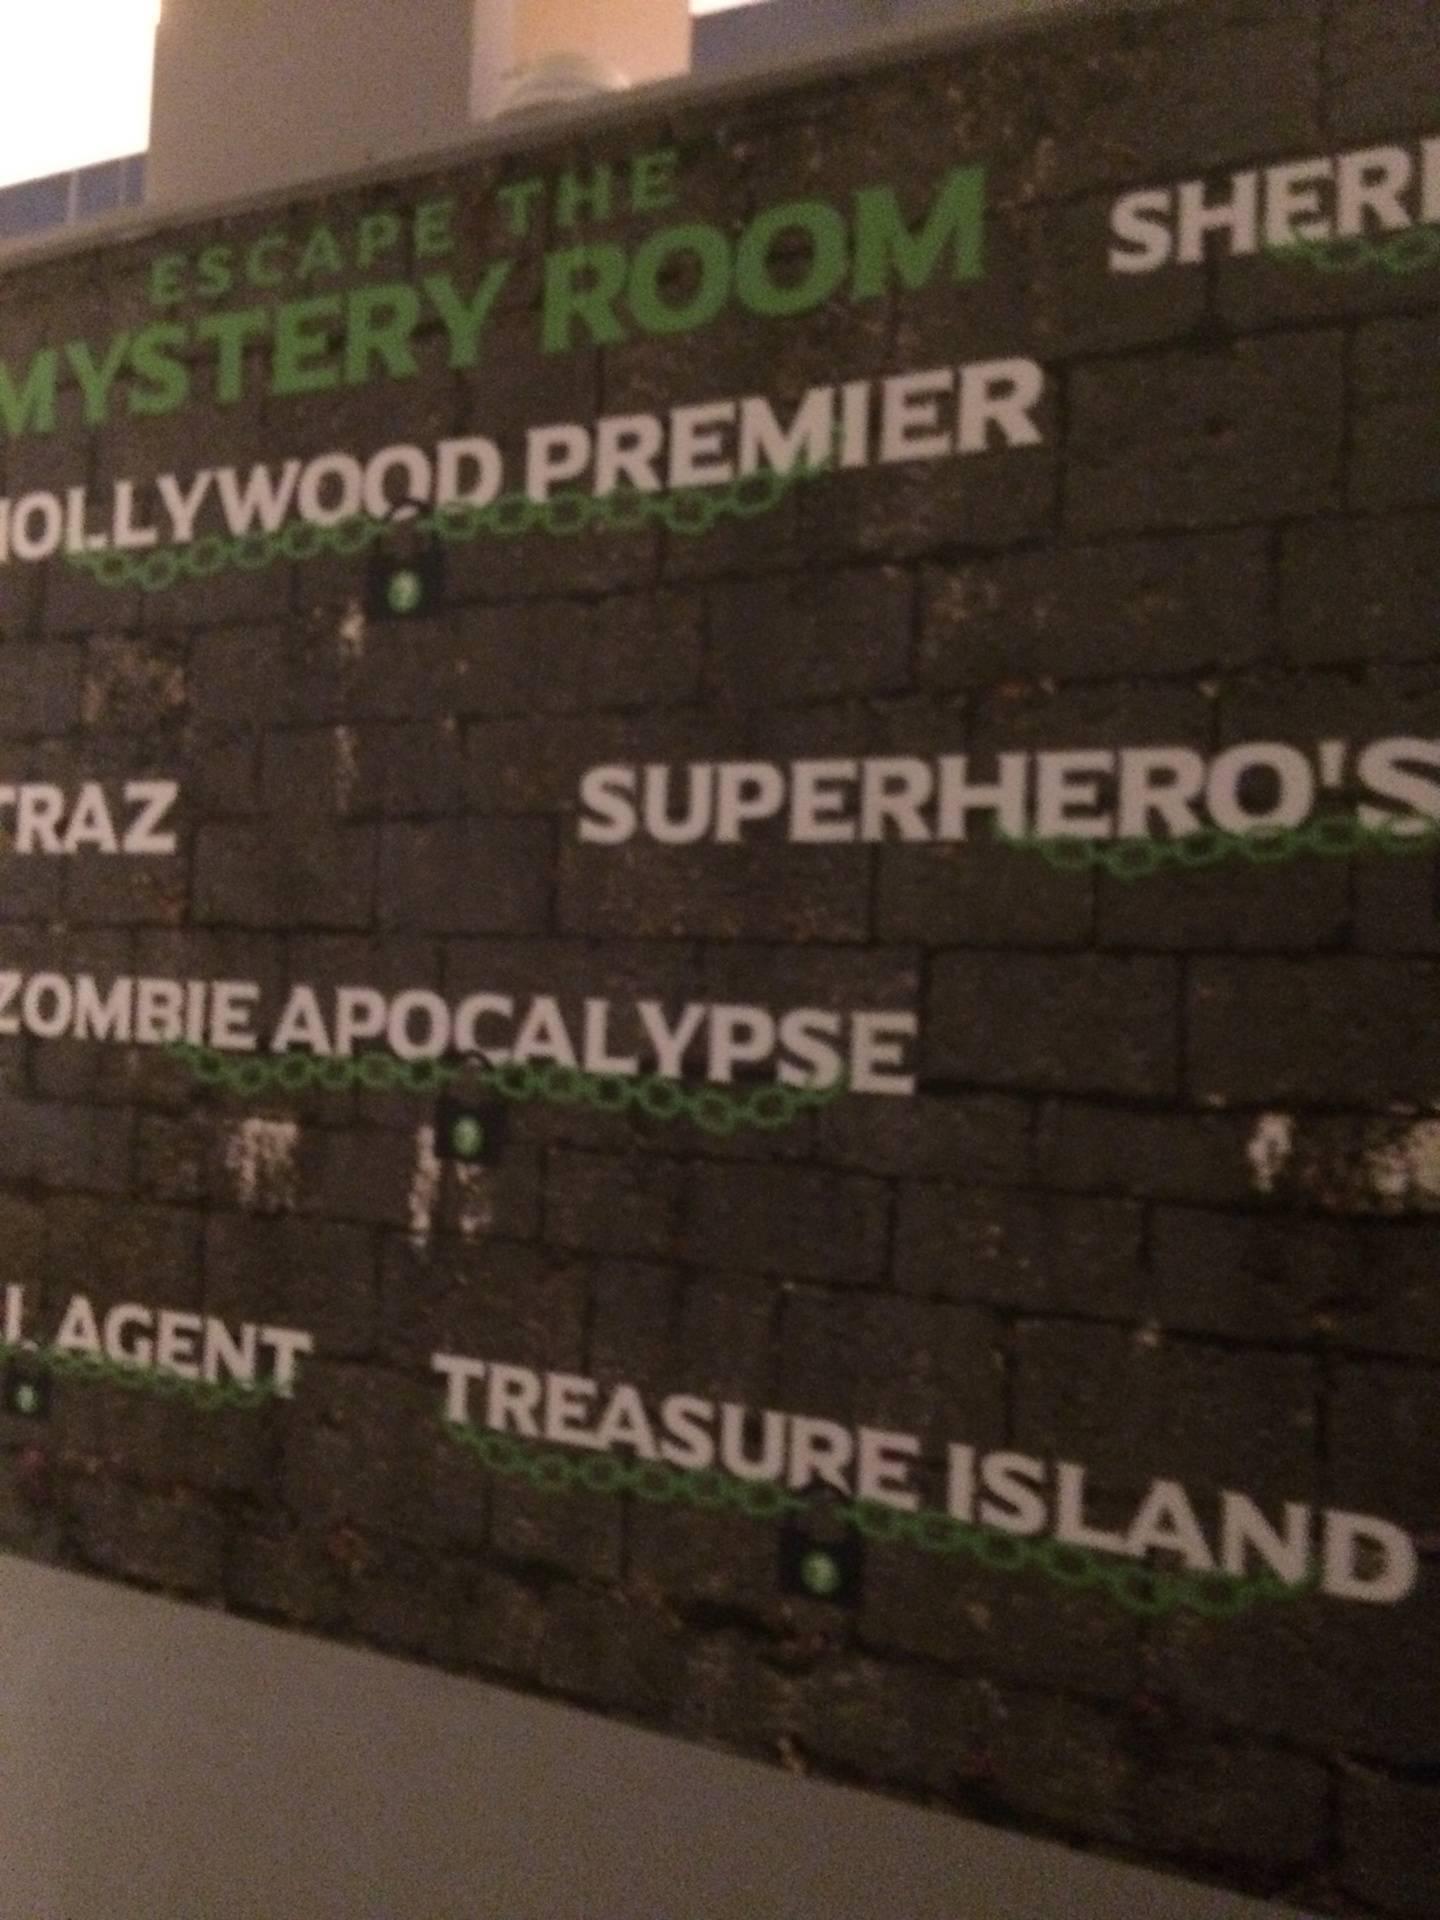 Escape The Myster Room - Mass - Emerald Square Mall Store